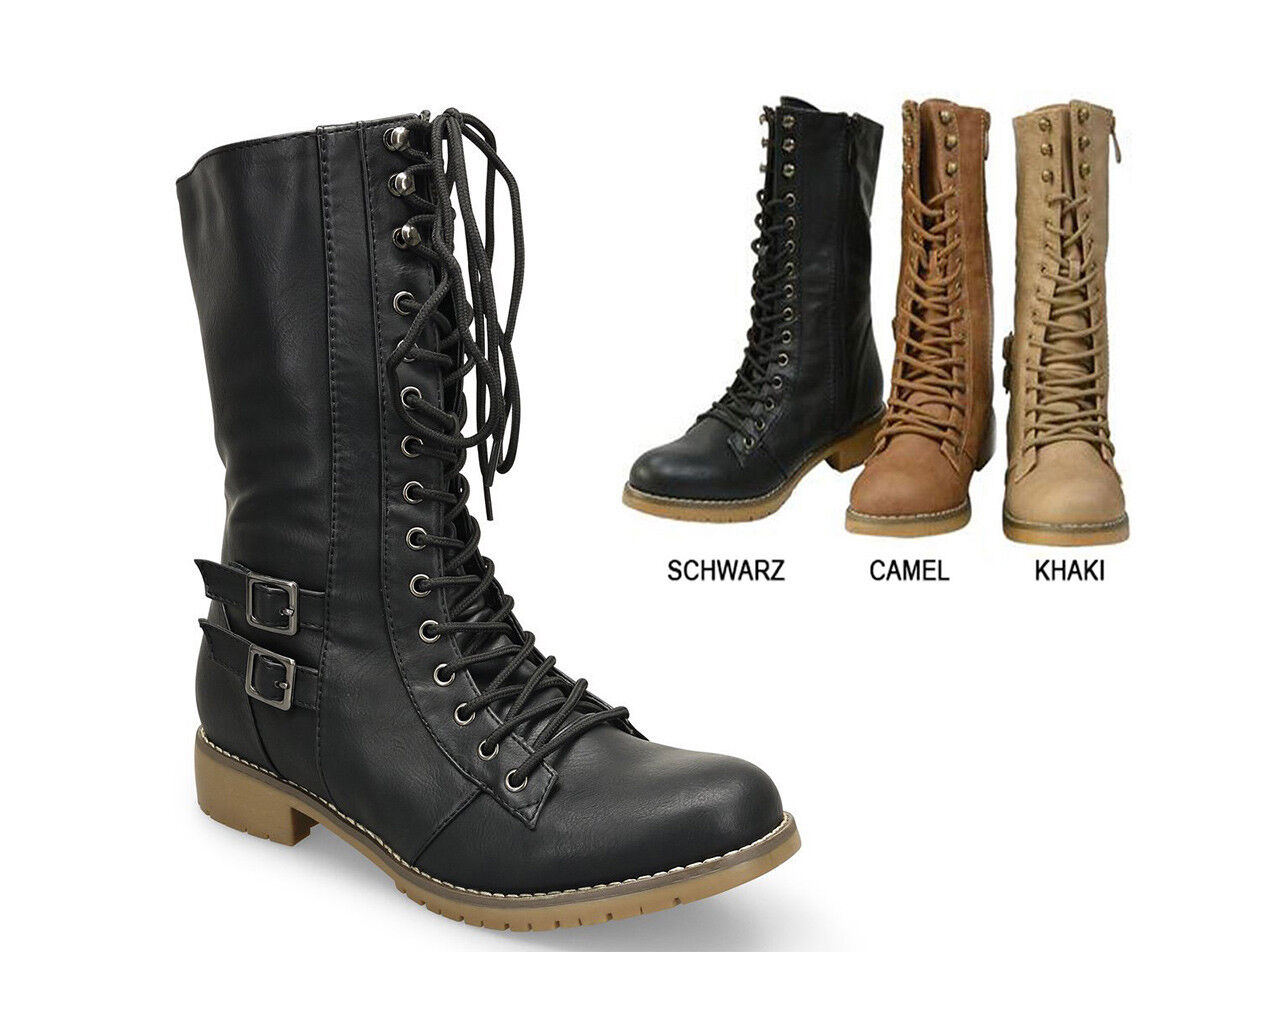 Damen Military Militär Stiefeletten Schnürstiefel Worker Boots Stiefel NEU